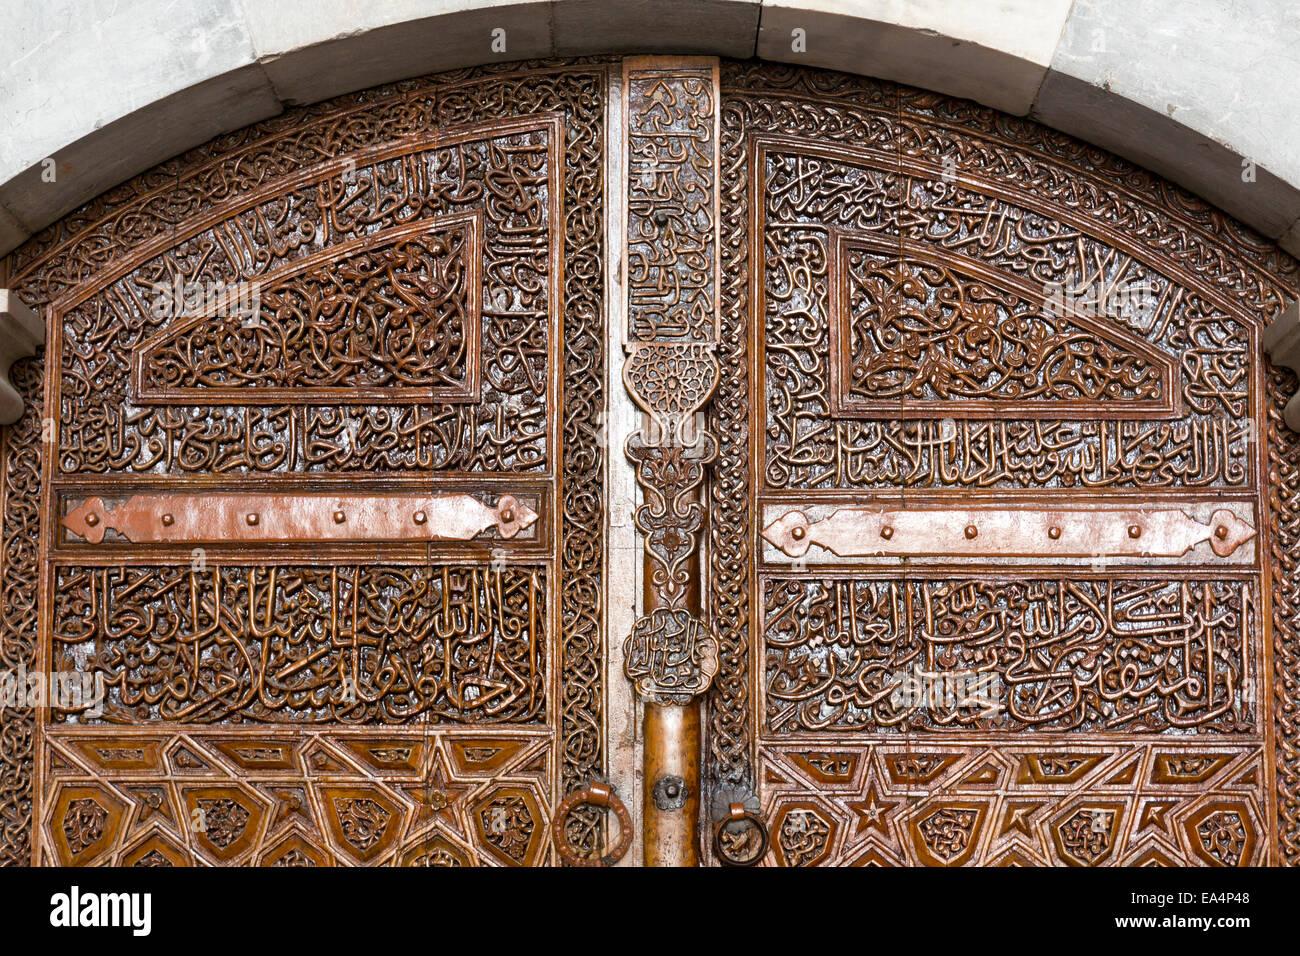 Beau Detail Of Door Of Bayezid Pasha Mosque, Amasya, Turkey   Stock Image